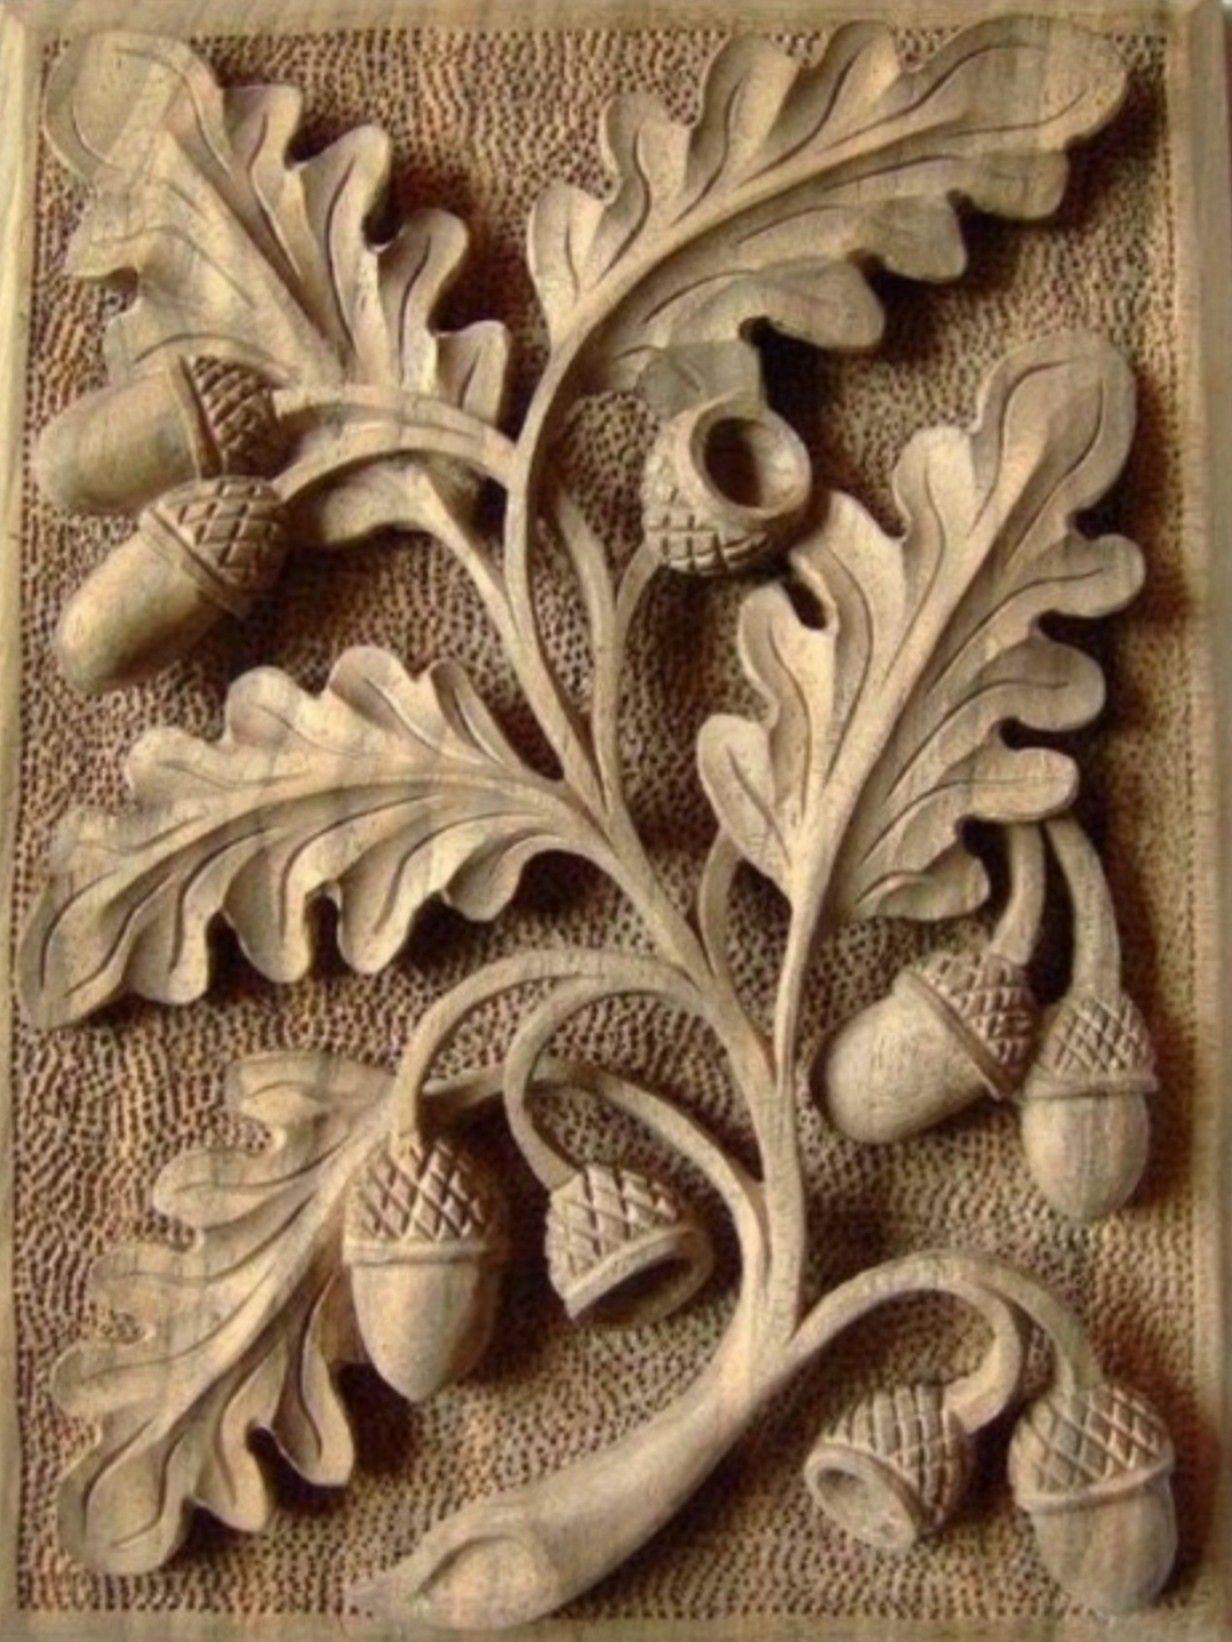 Pin by daan bakker on houtsnee werk dremel wood carving wood